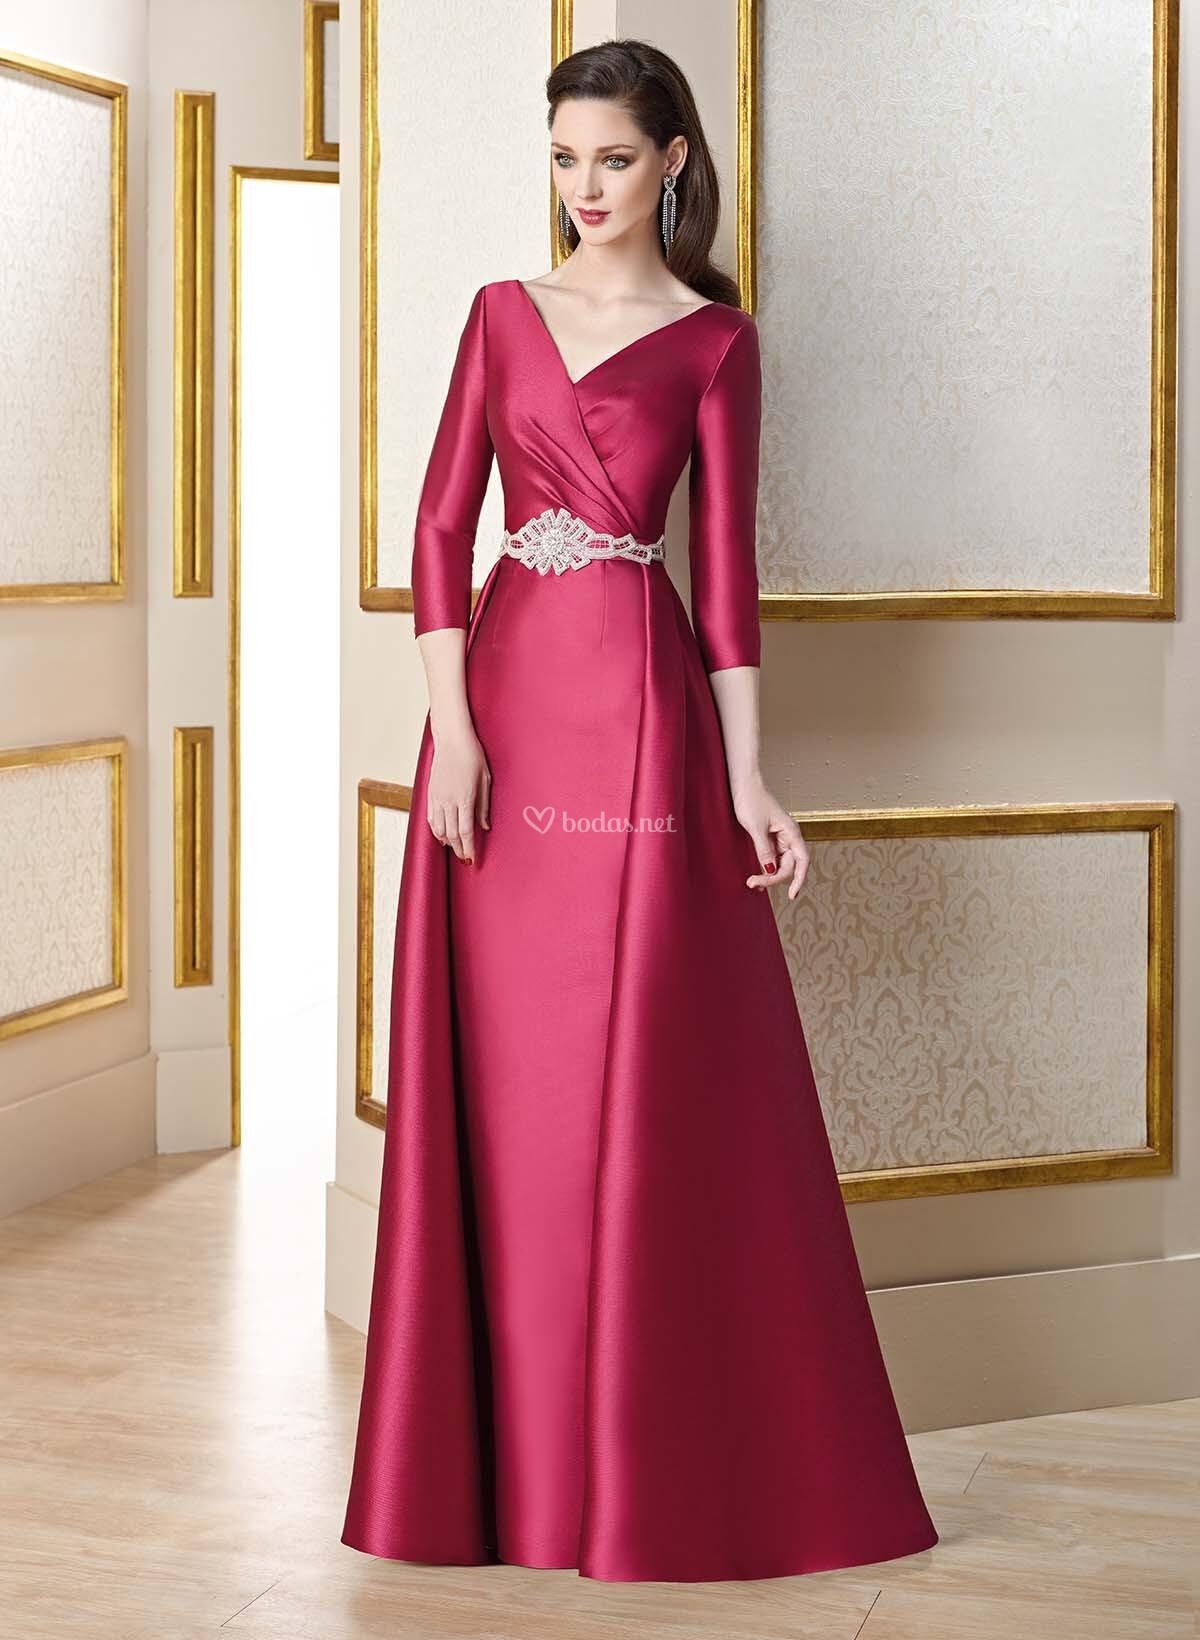 Bonito 27 El Vestido De Boda Motivo - Colección de Vestidos de Boda ...